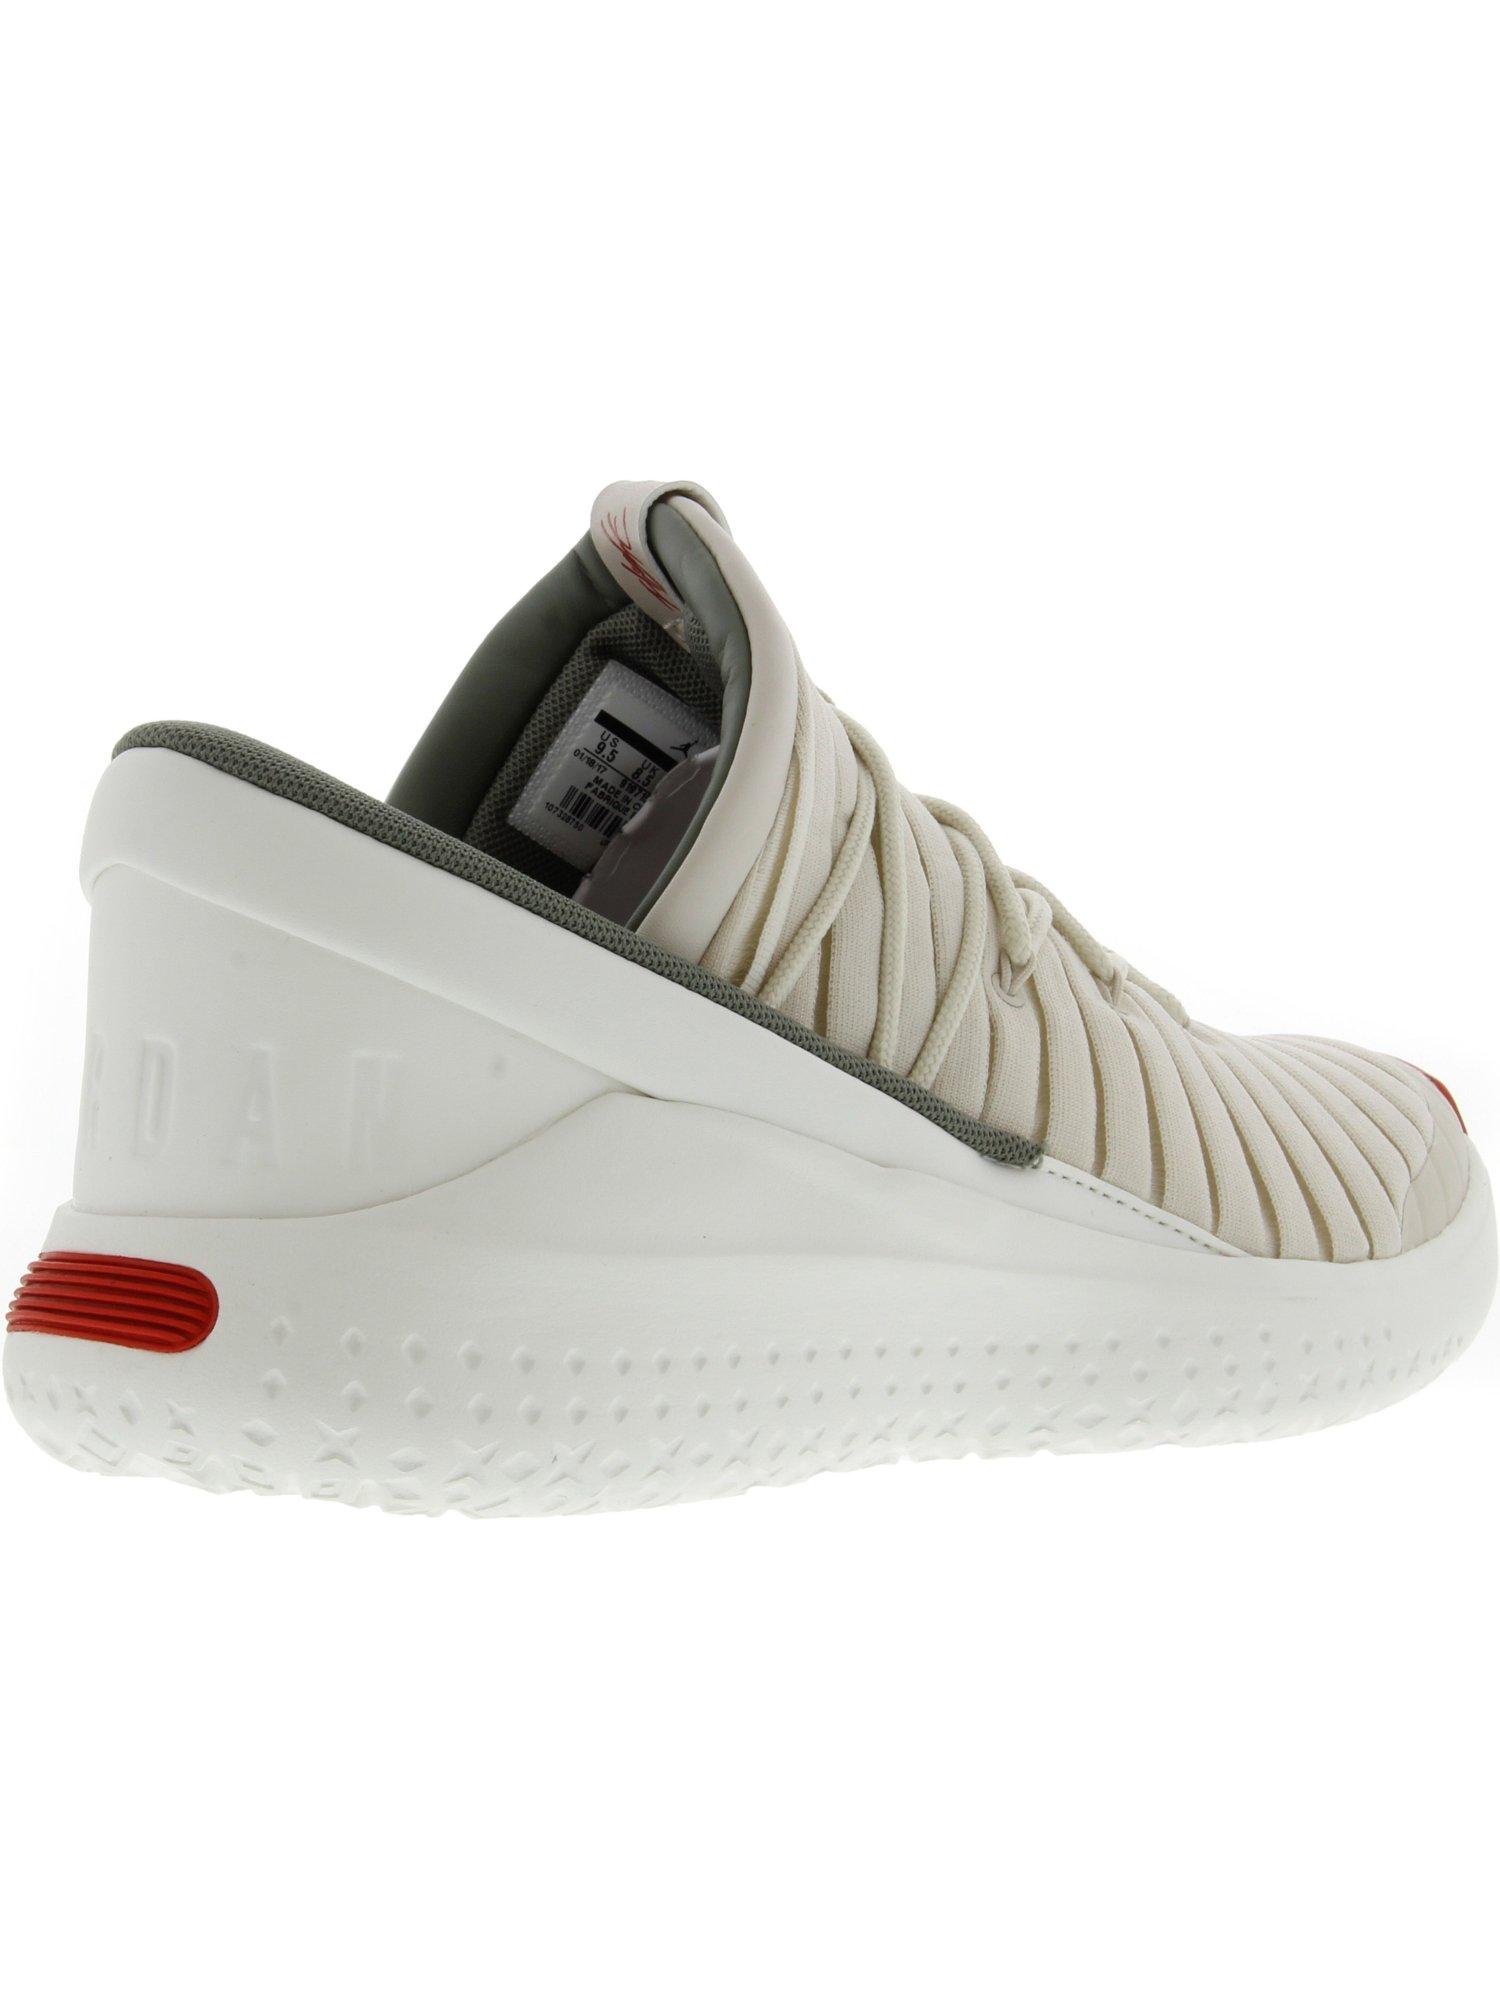 size 40 e65b2 59320 Nike-Men-039-s-Jordan-Flight-Luxe-Ankle-